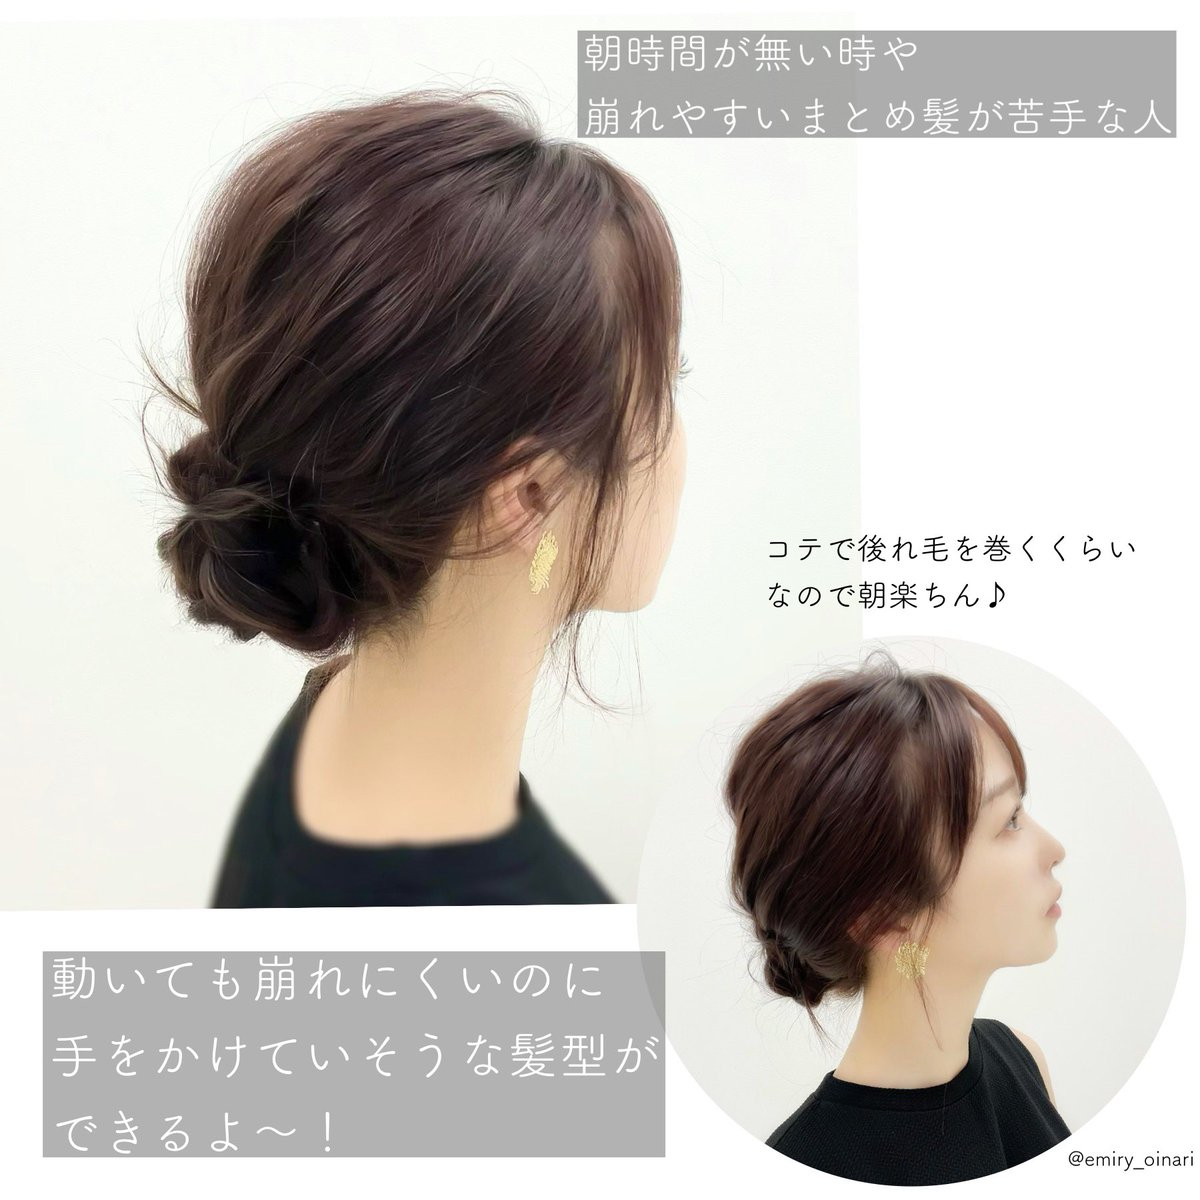 簡単なのにこなれ感あり!前髪が長い方も似合うまとめ髪!